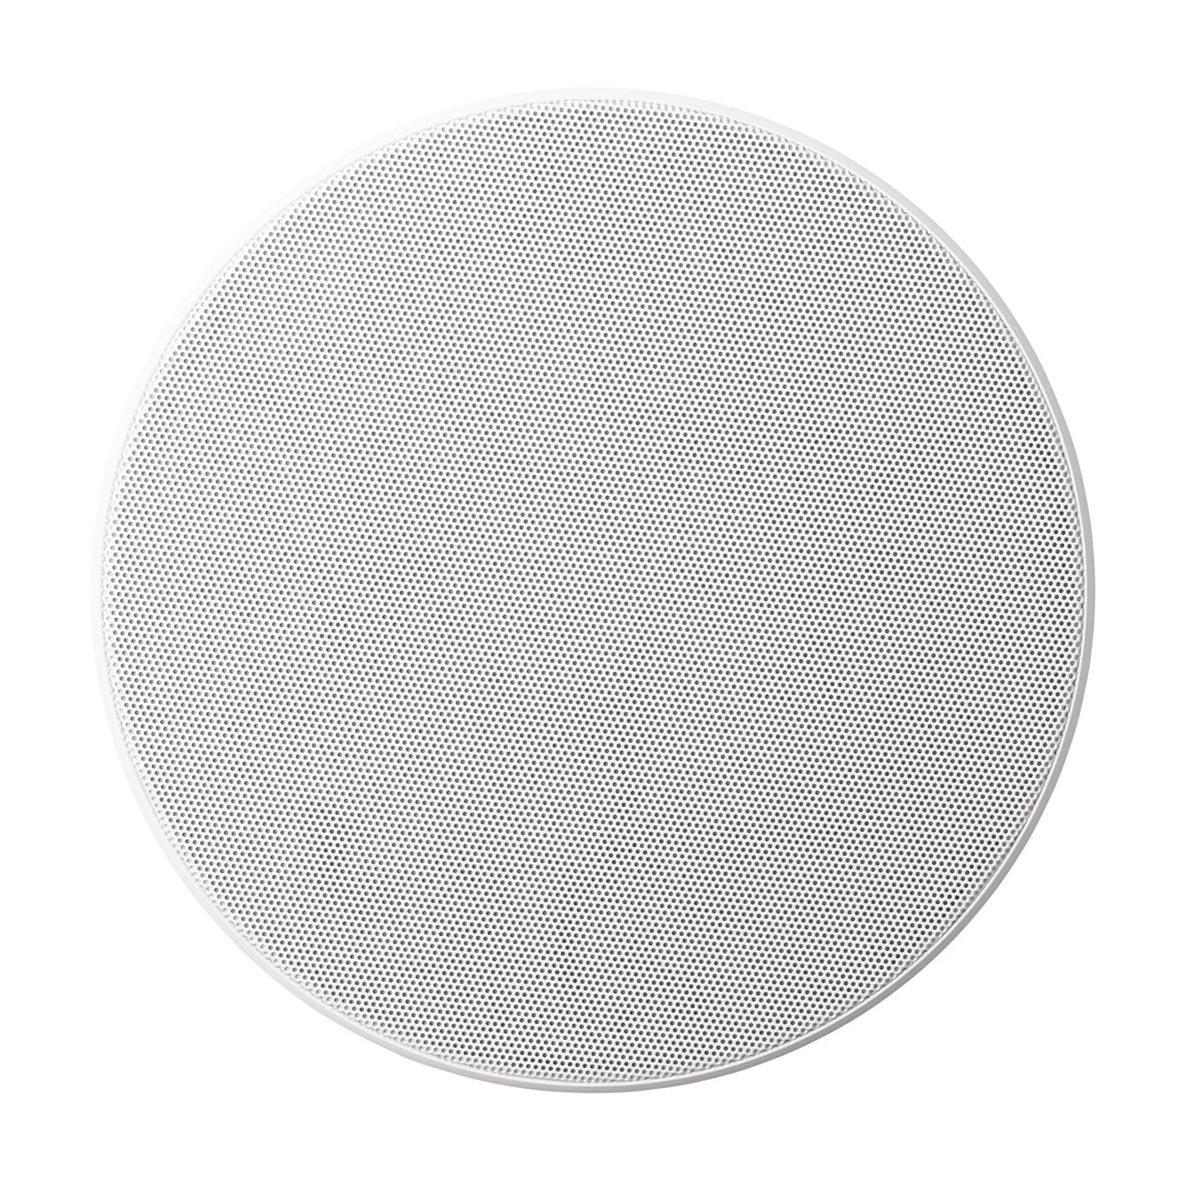 Dynaudio S4-C80 Decken-Einbaulautsprecher 2-Wege, weiß